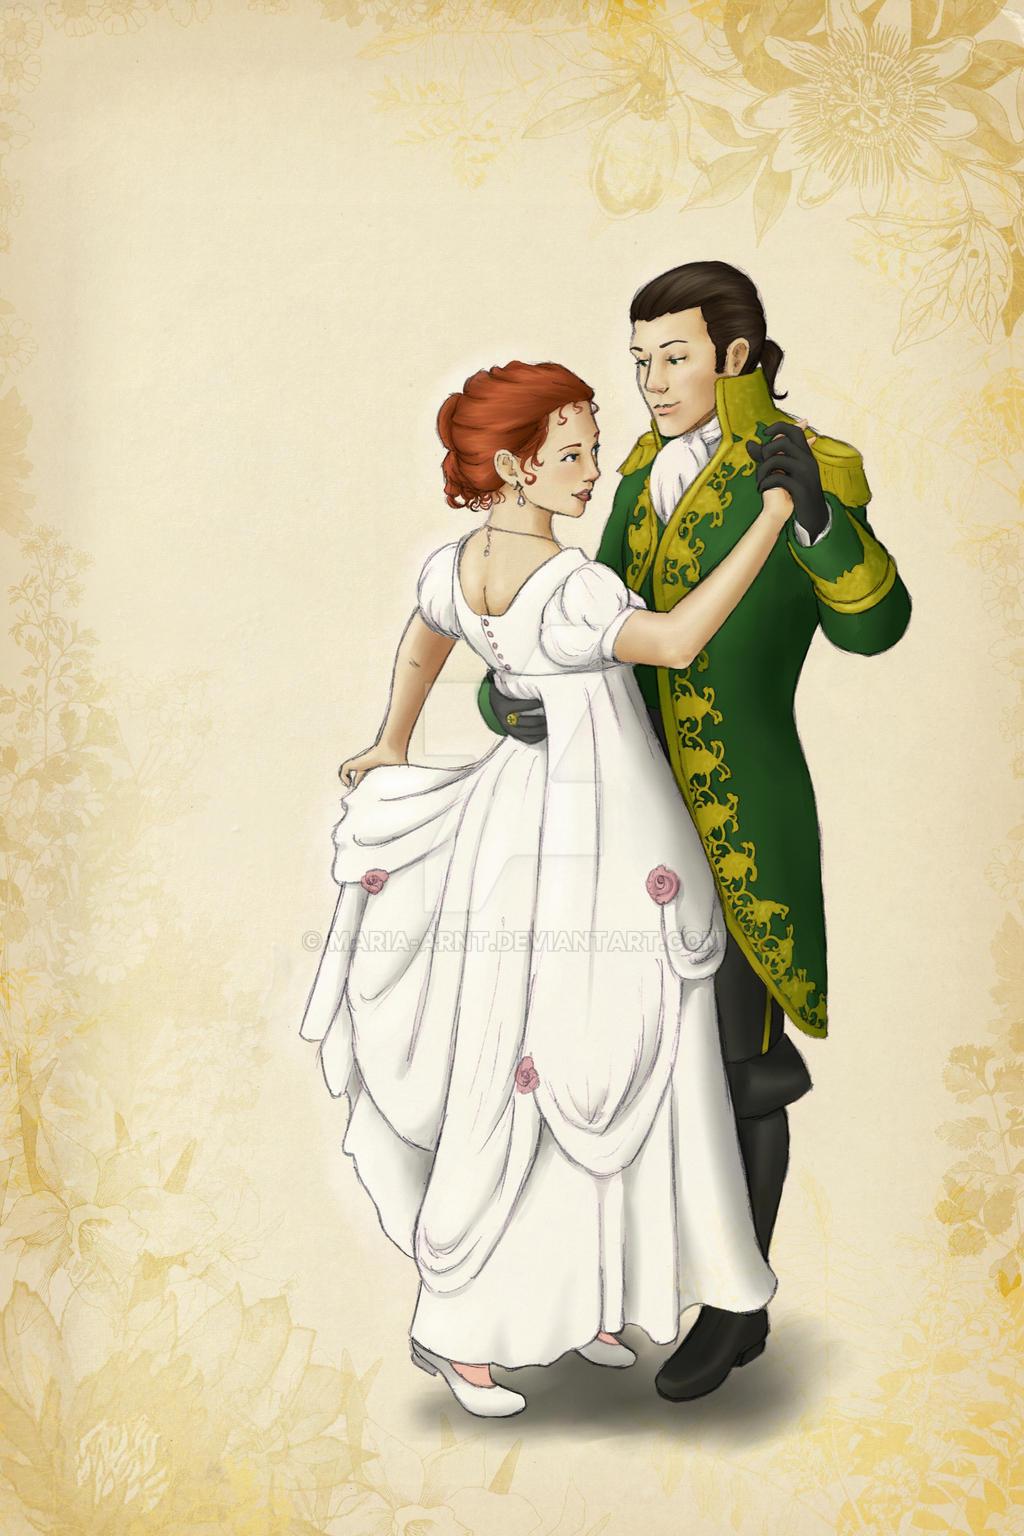 .:A Dangerous Dance:. by MariaArnt